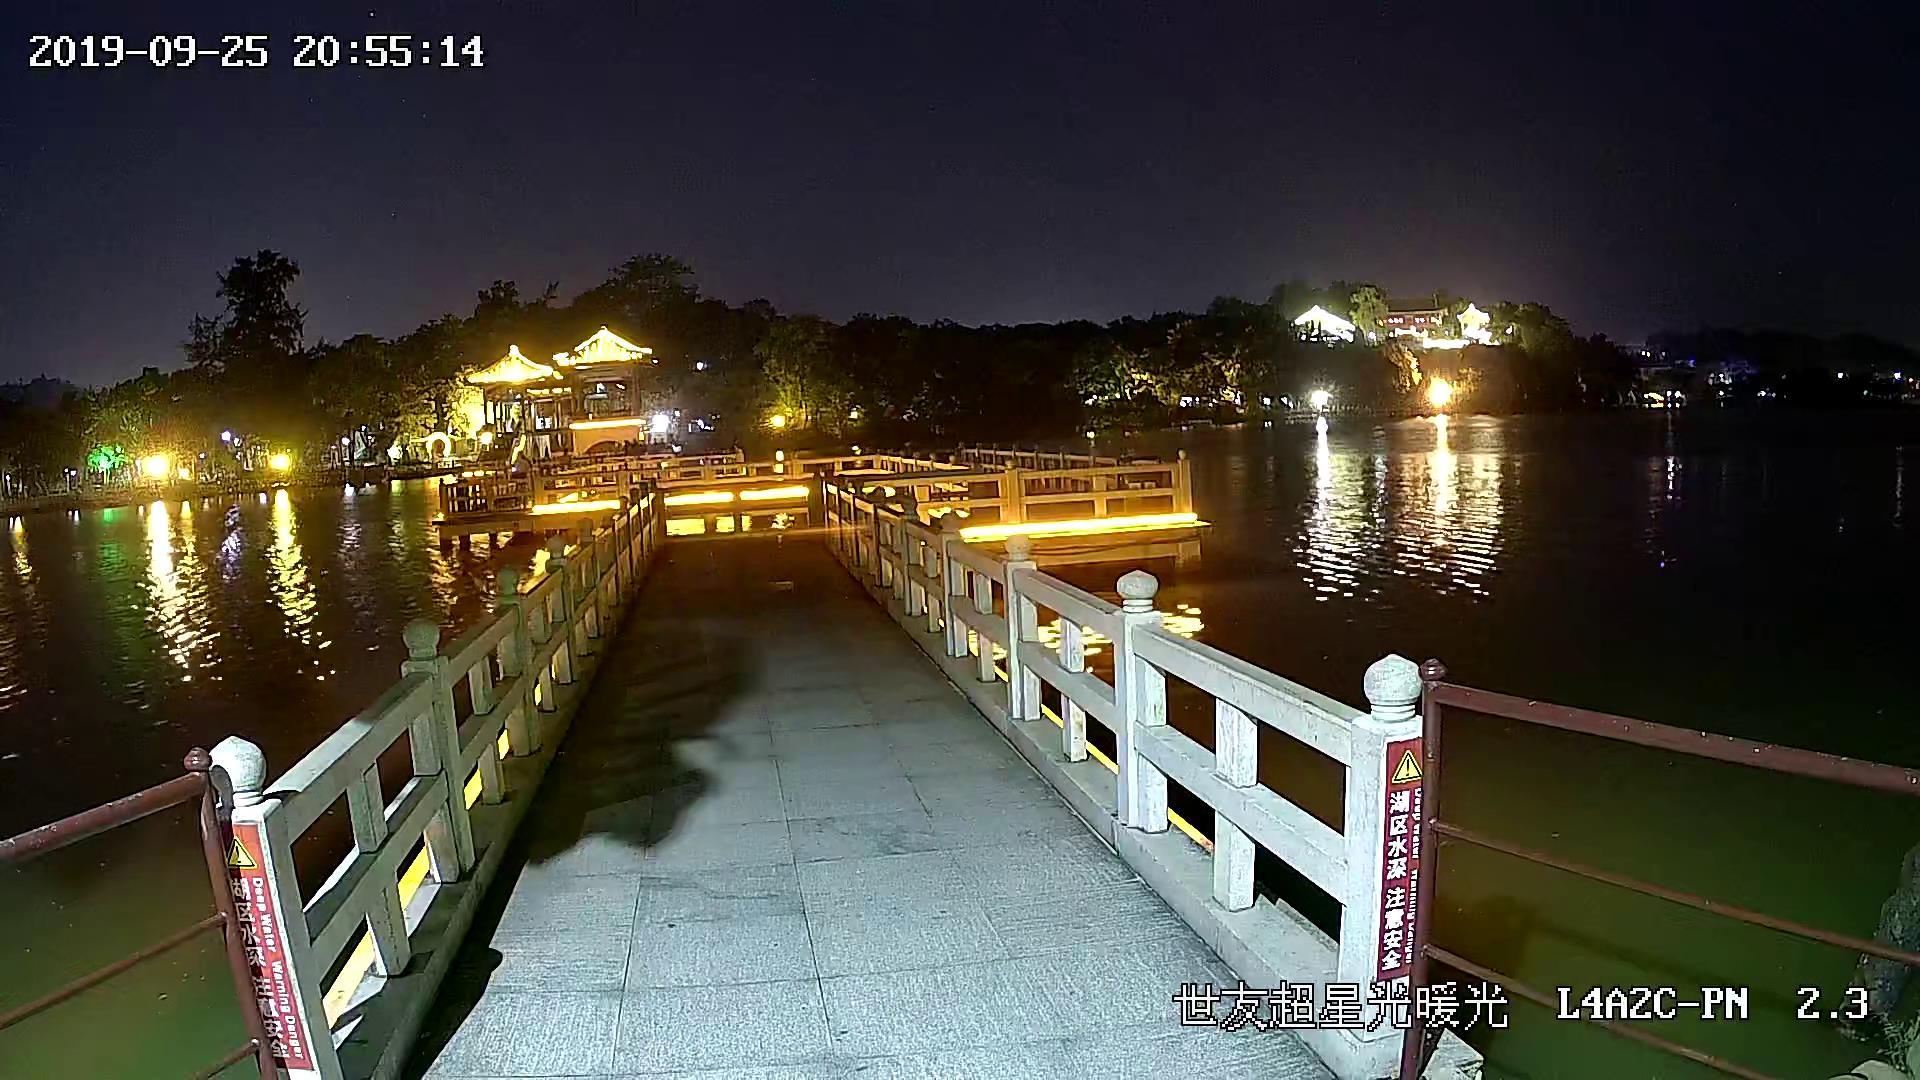 SY-L4A2C-PN 摄像机夜景效果